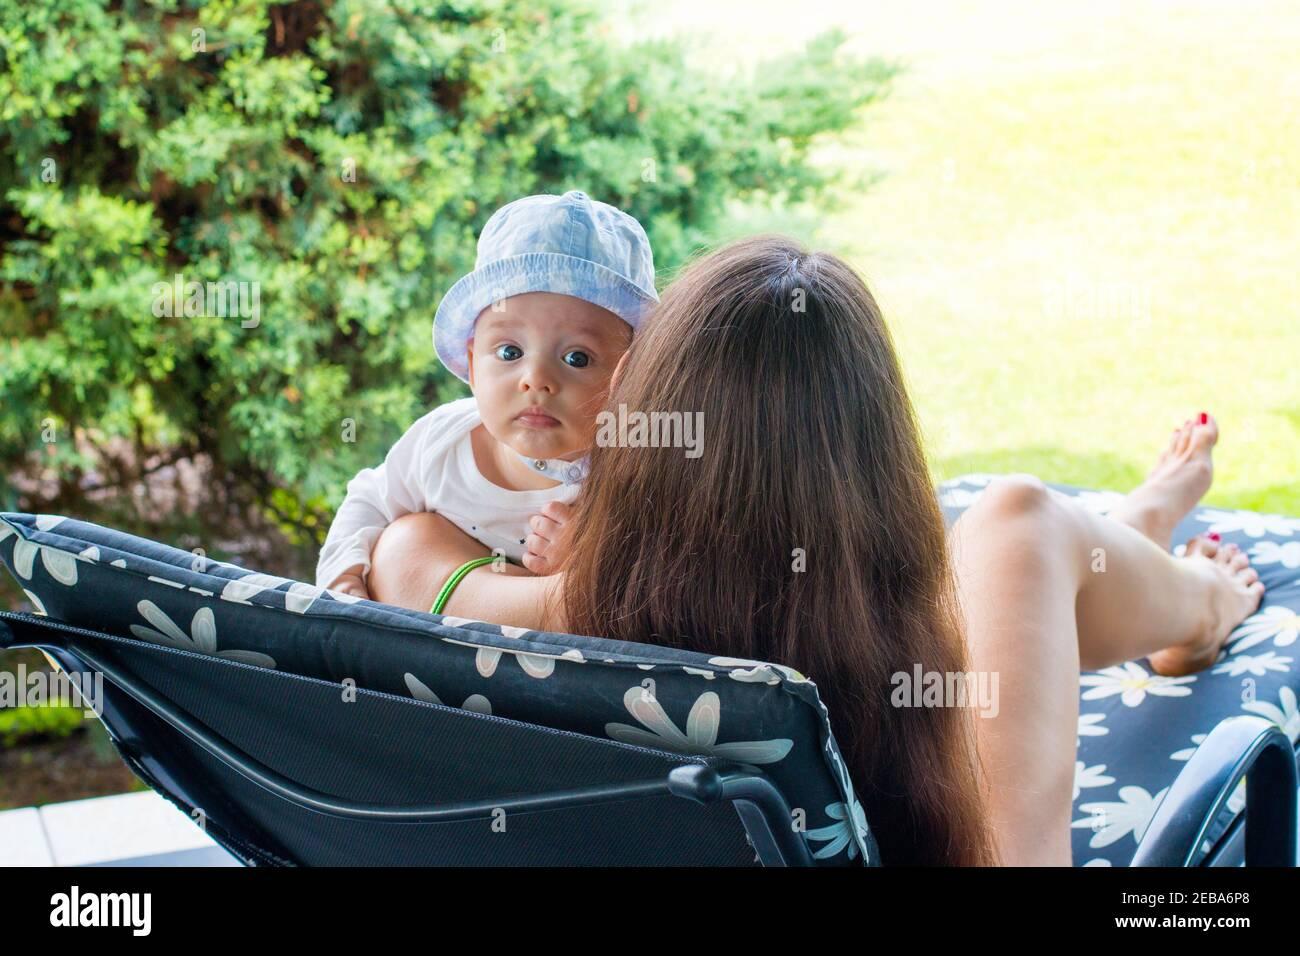 Enfant dans les bras de la mère, nouvelle mère reposant avec un bébé de 5 mois sur une chaise longue Banque D'Images